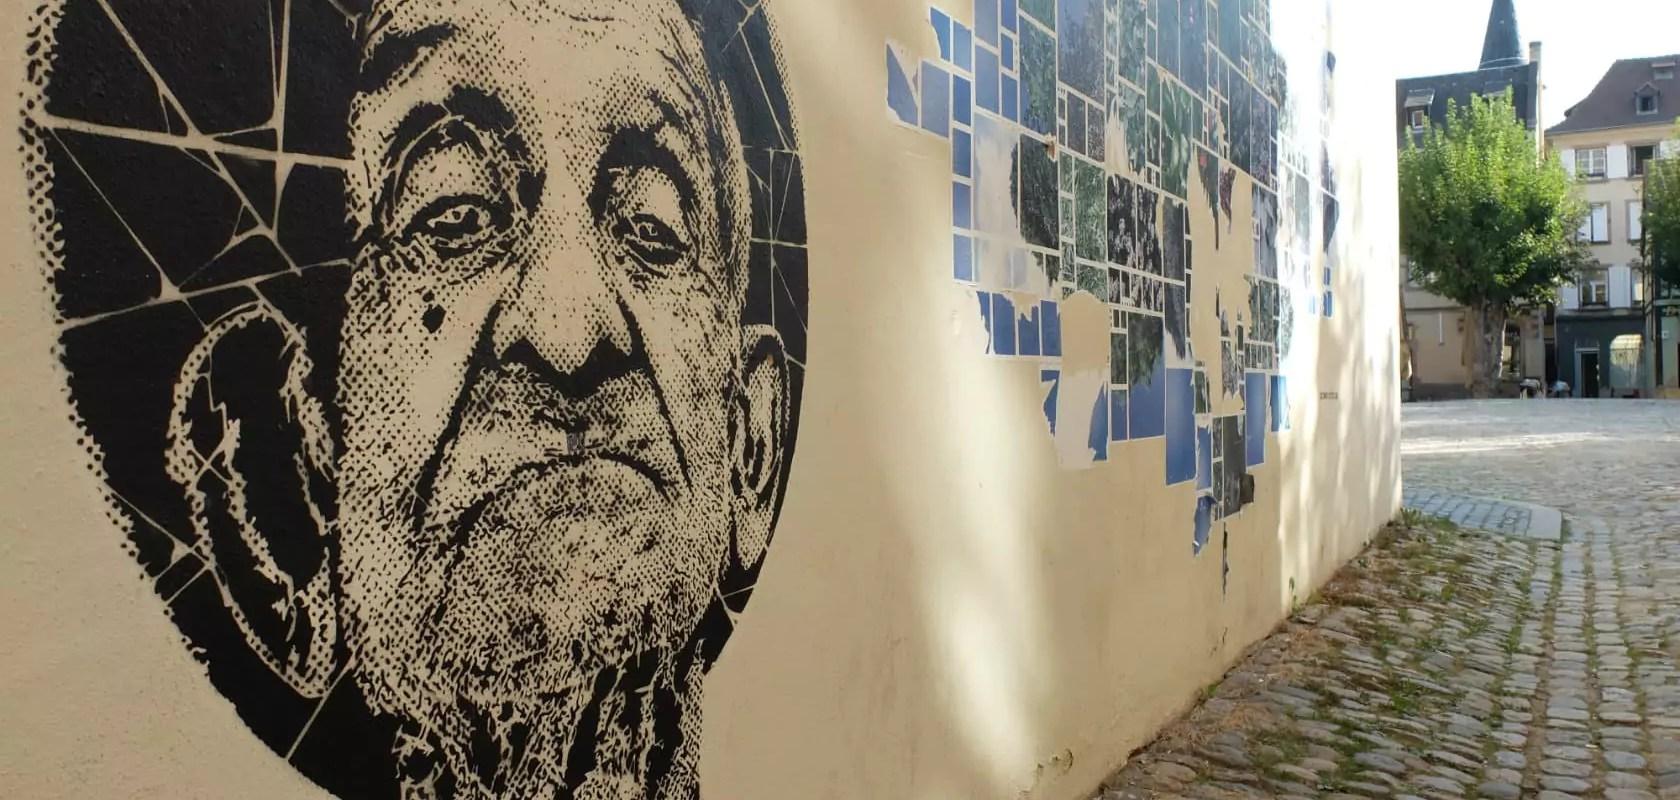 Où sont les oeuvres de street art à Strasbourg